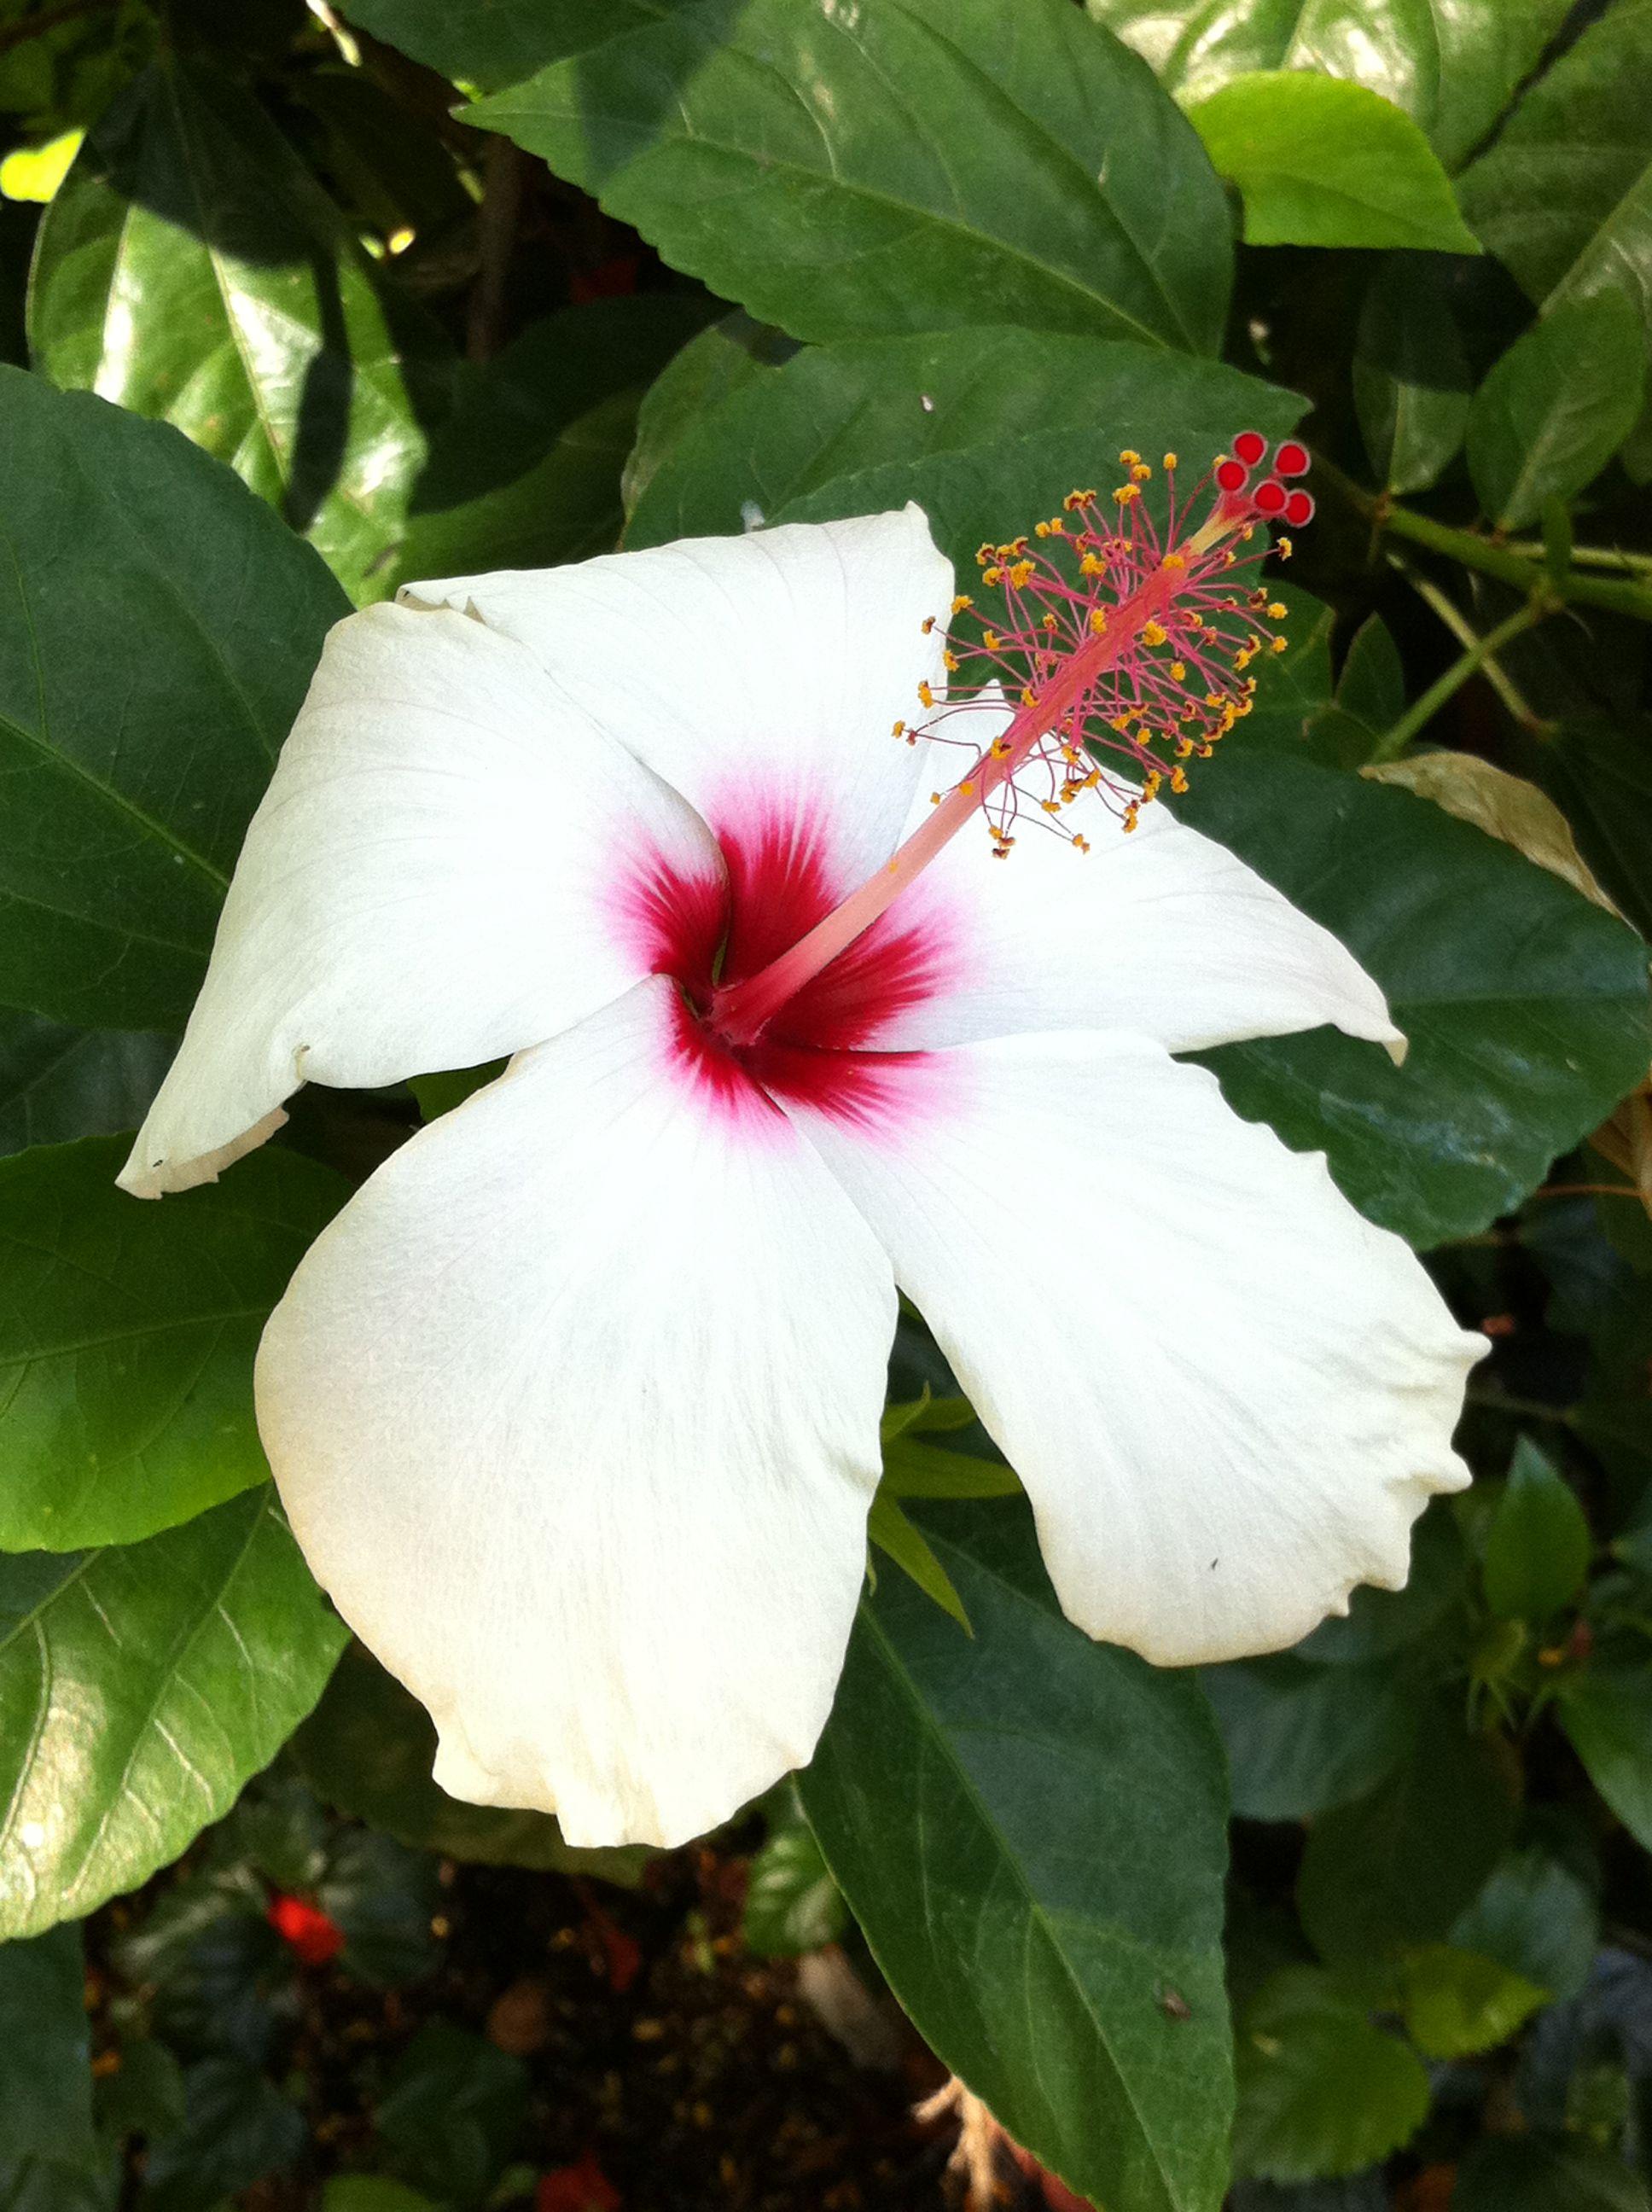 Schizopetalus and other rare hibiscus species green thumb schizopetalus and other rare hibiscus species izmirmasajfo